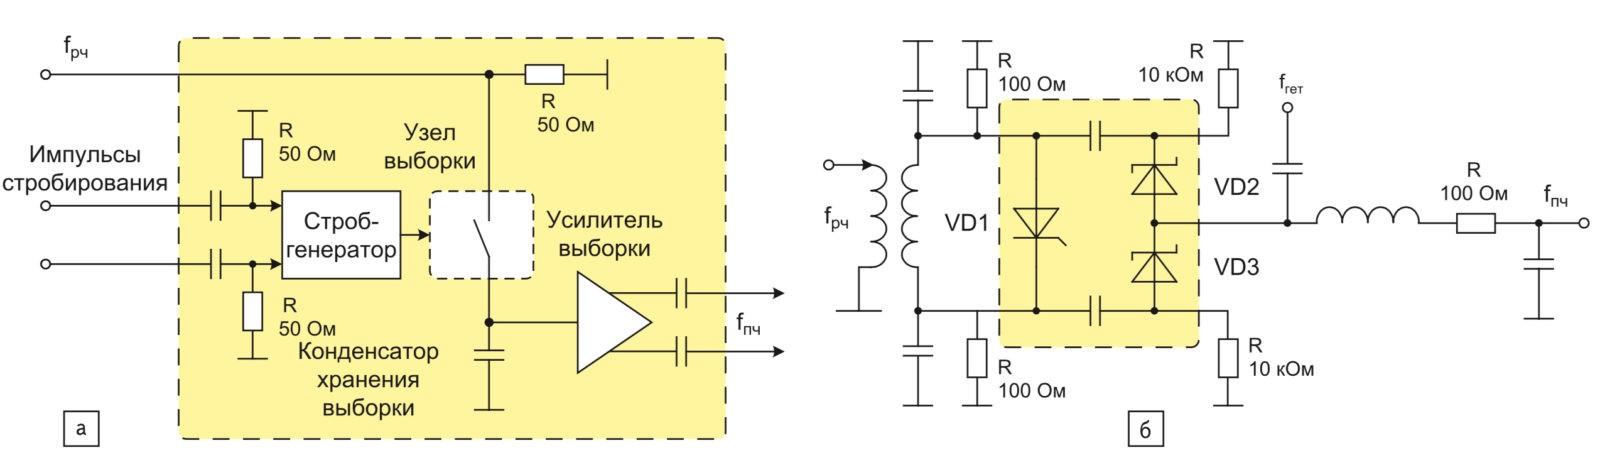 Принципиальная схема: а) стробоскопического узла; б) узла выборки на диодах